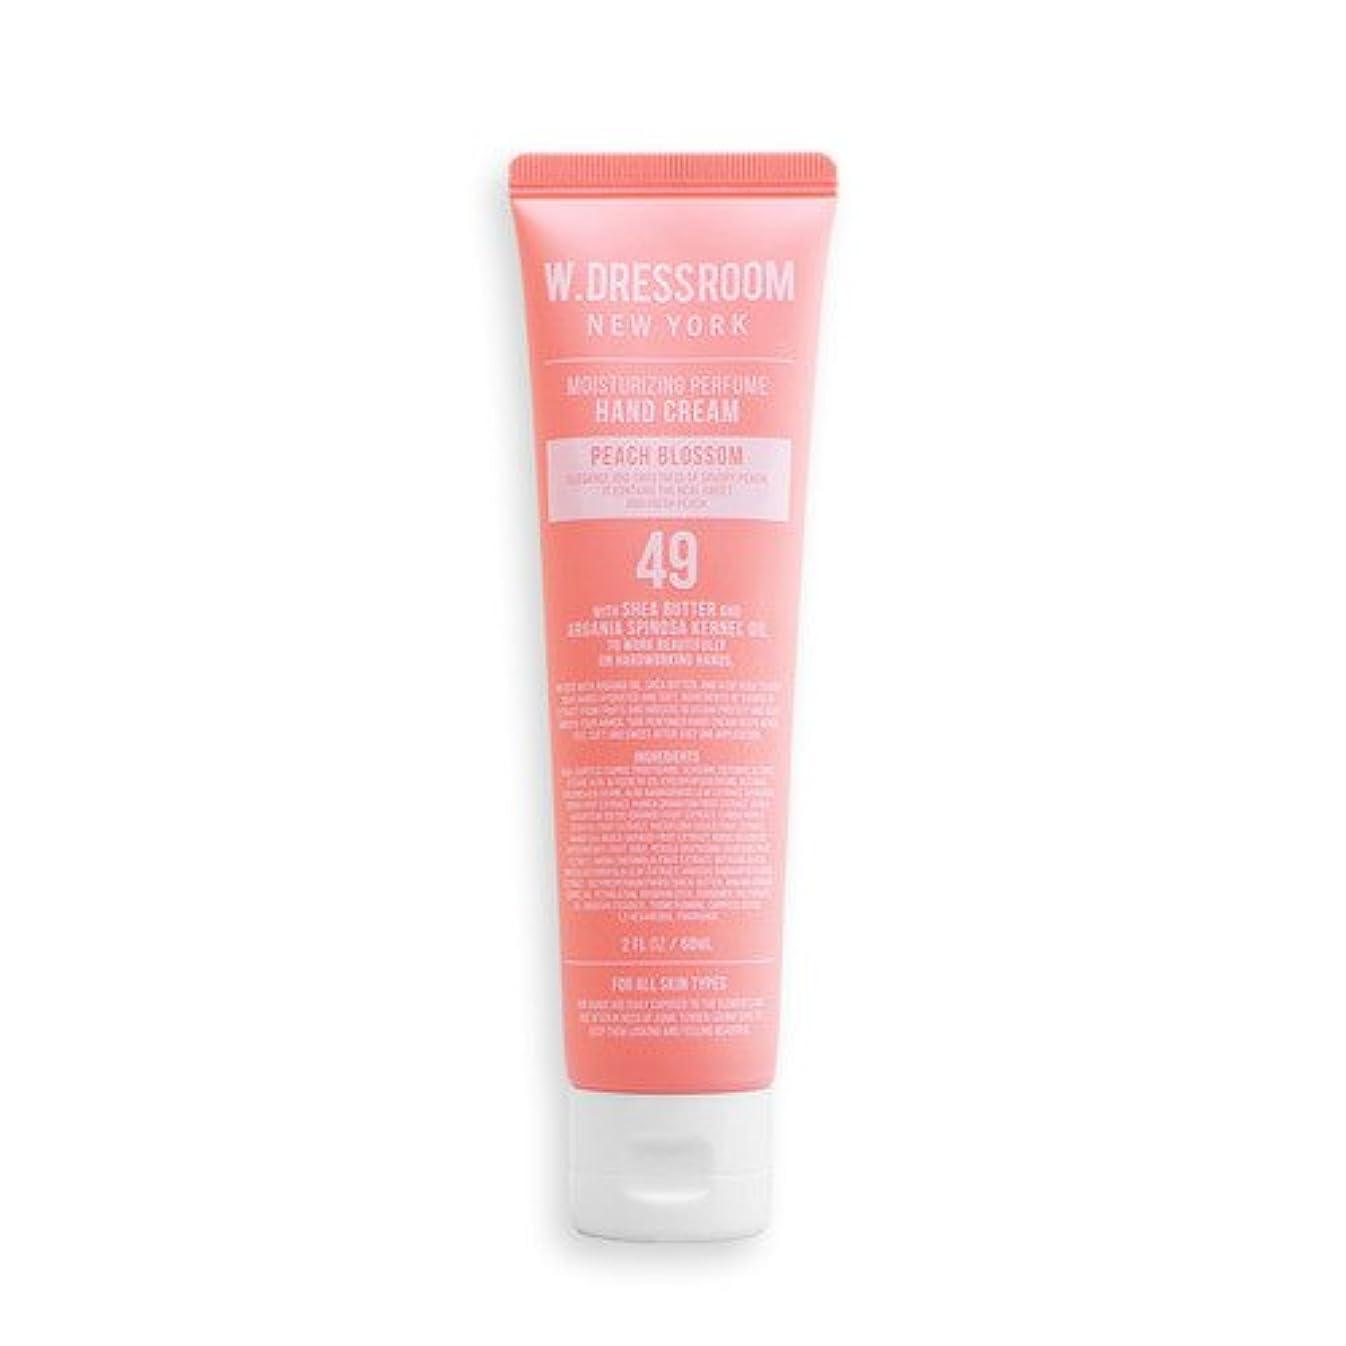 聖域郊外懐疑論W.DRESSROOM Moisturizing Perfume Hand Cream 60ml/ダブルドレスルーム モイスチャライジング パフューム ハンドクリーム 60ml (#No.49 Peach Blossom...